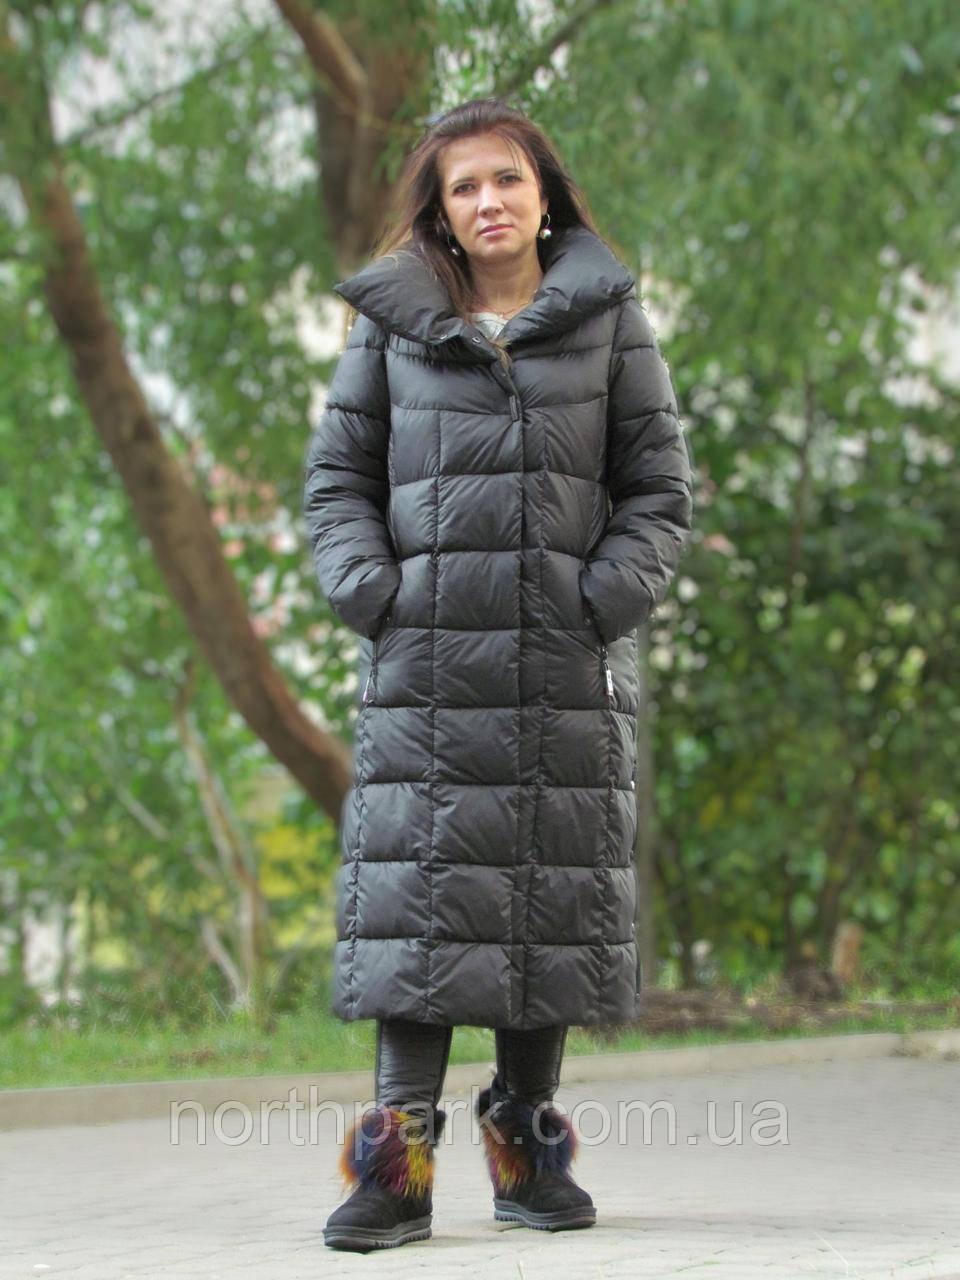 Жіночий довгий пуховик ковдру VS 87 з коміром подушкою, колір графіт